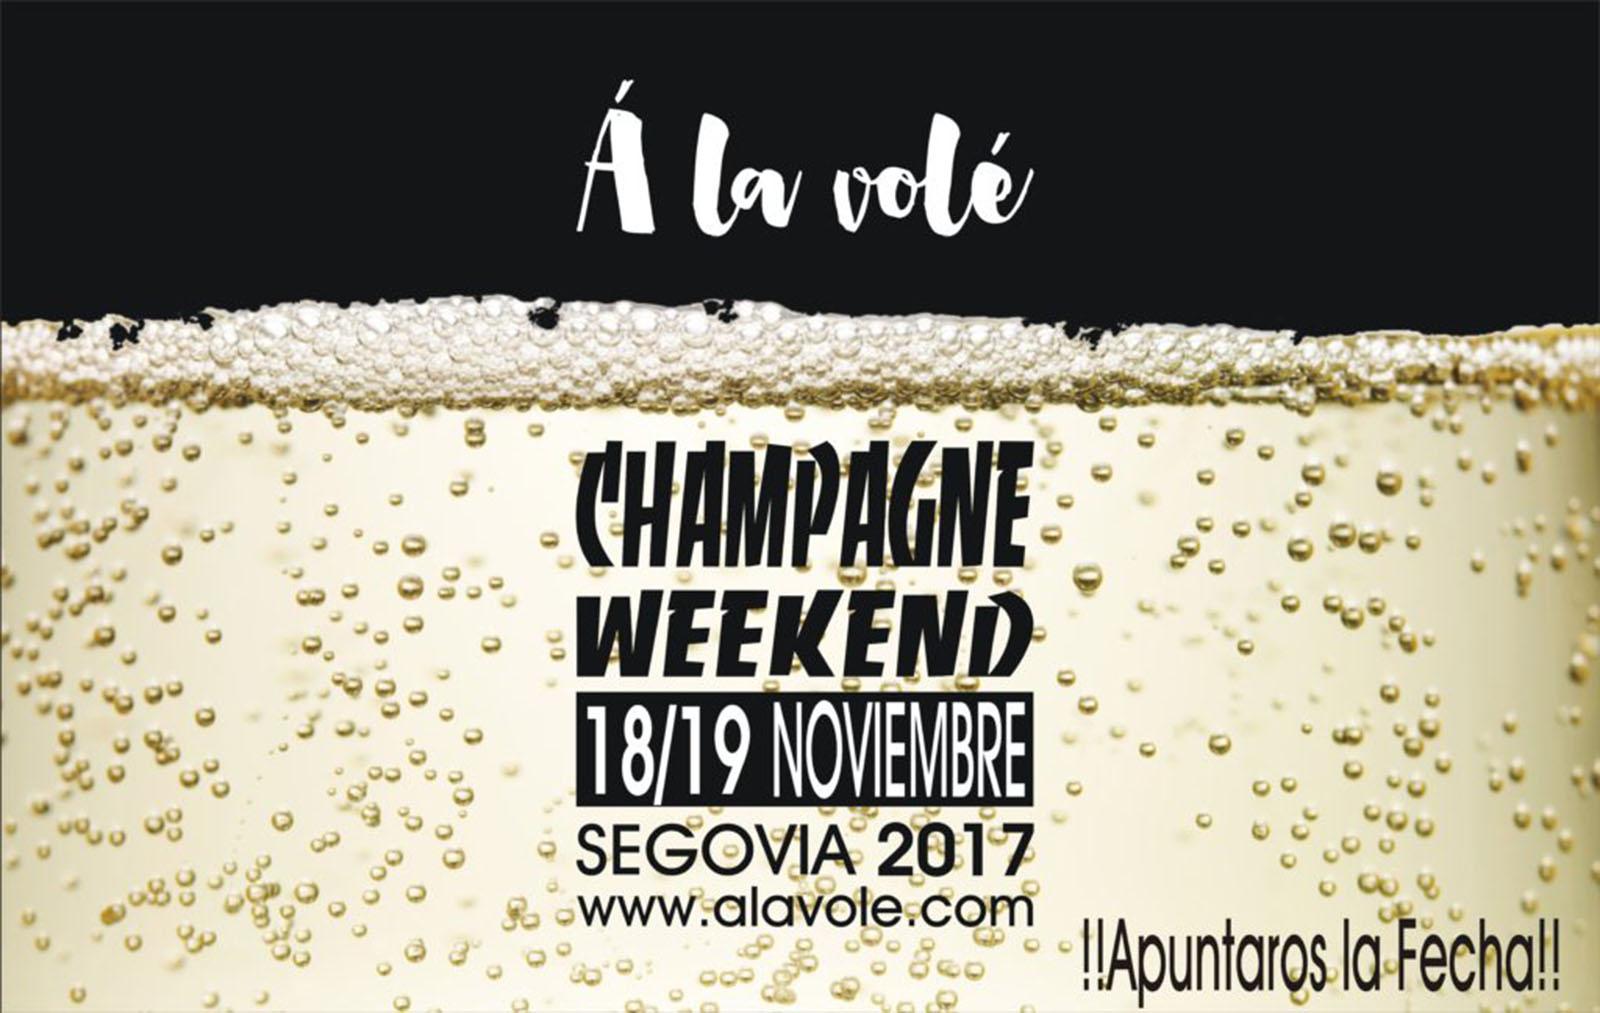 Champagne Weekend 2017 ¡¡Fecha de Celebración y Primer Ponente!!